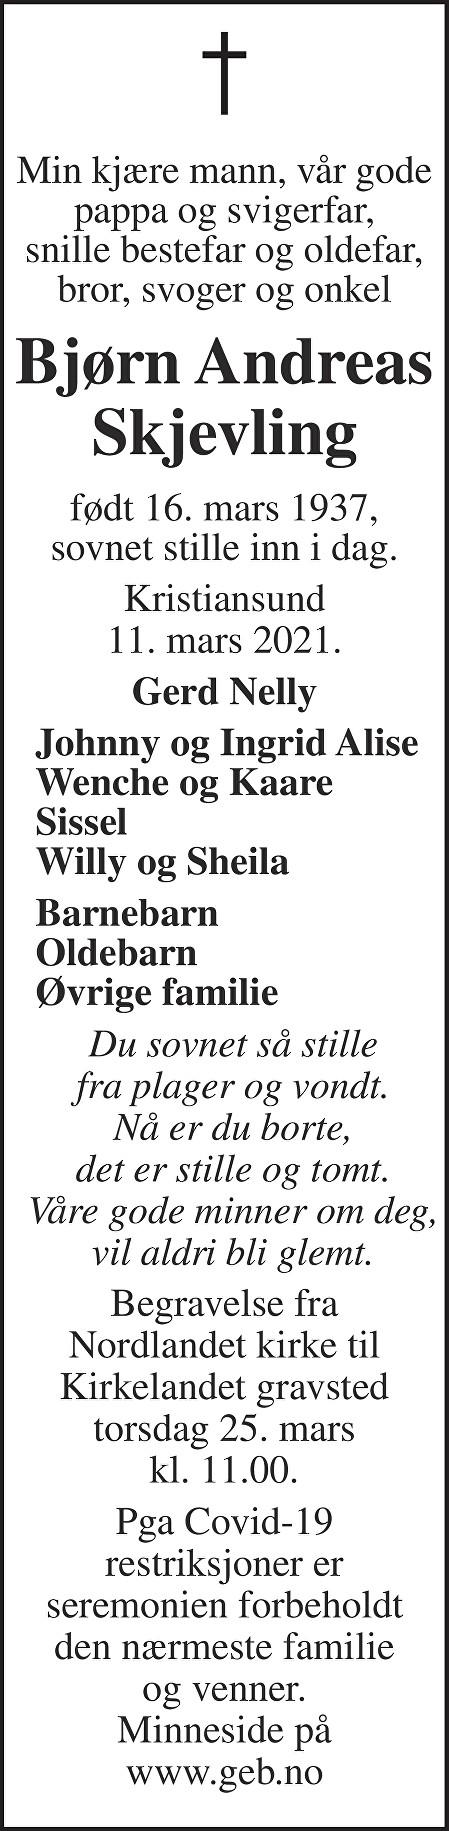 Bjørn Andreas Skjevling Dødsannonse